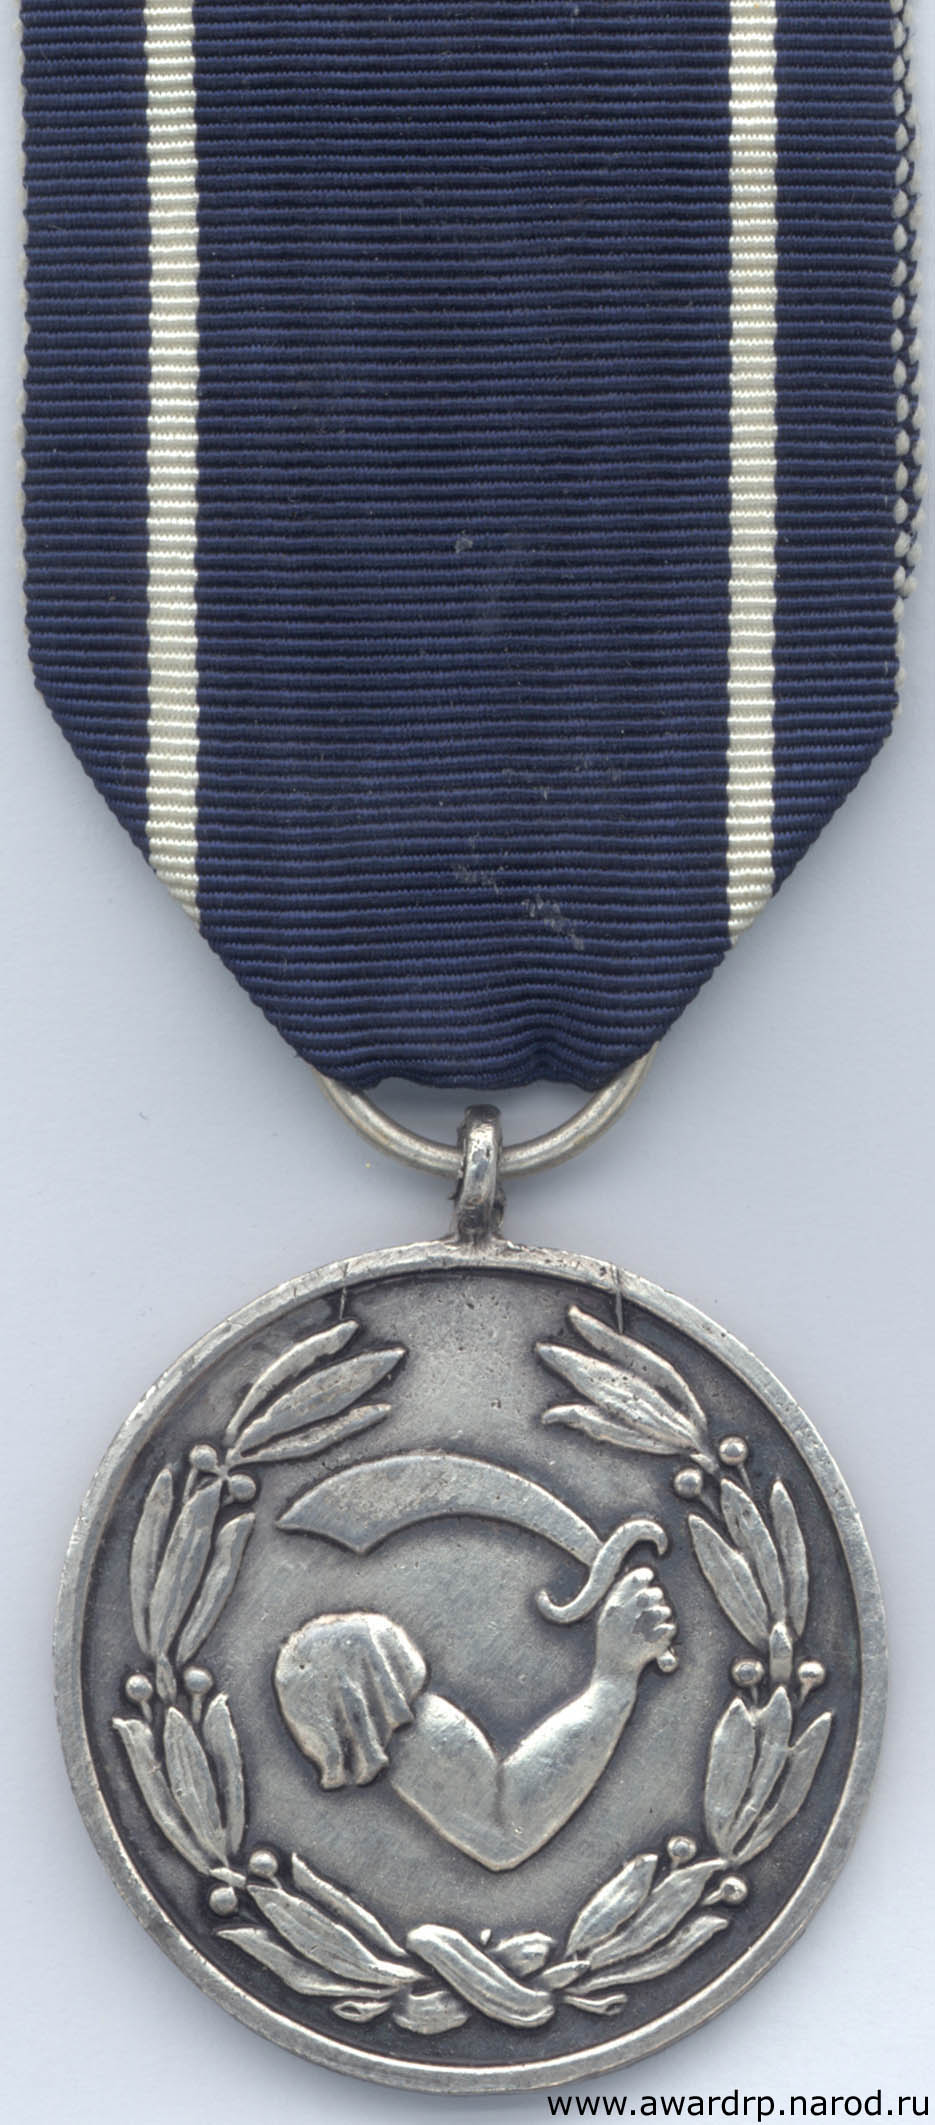 Поздравления при награждении медалью